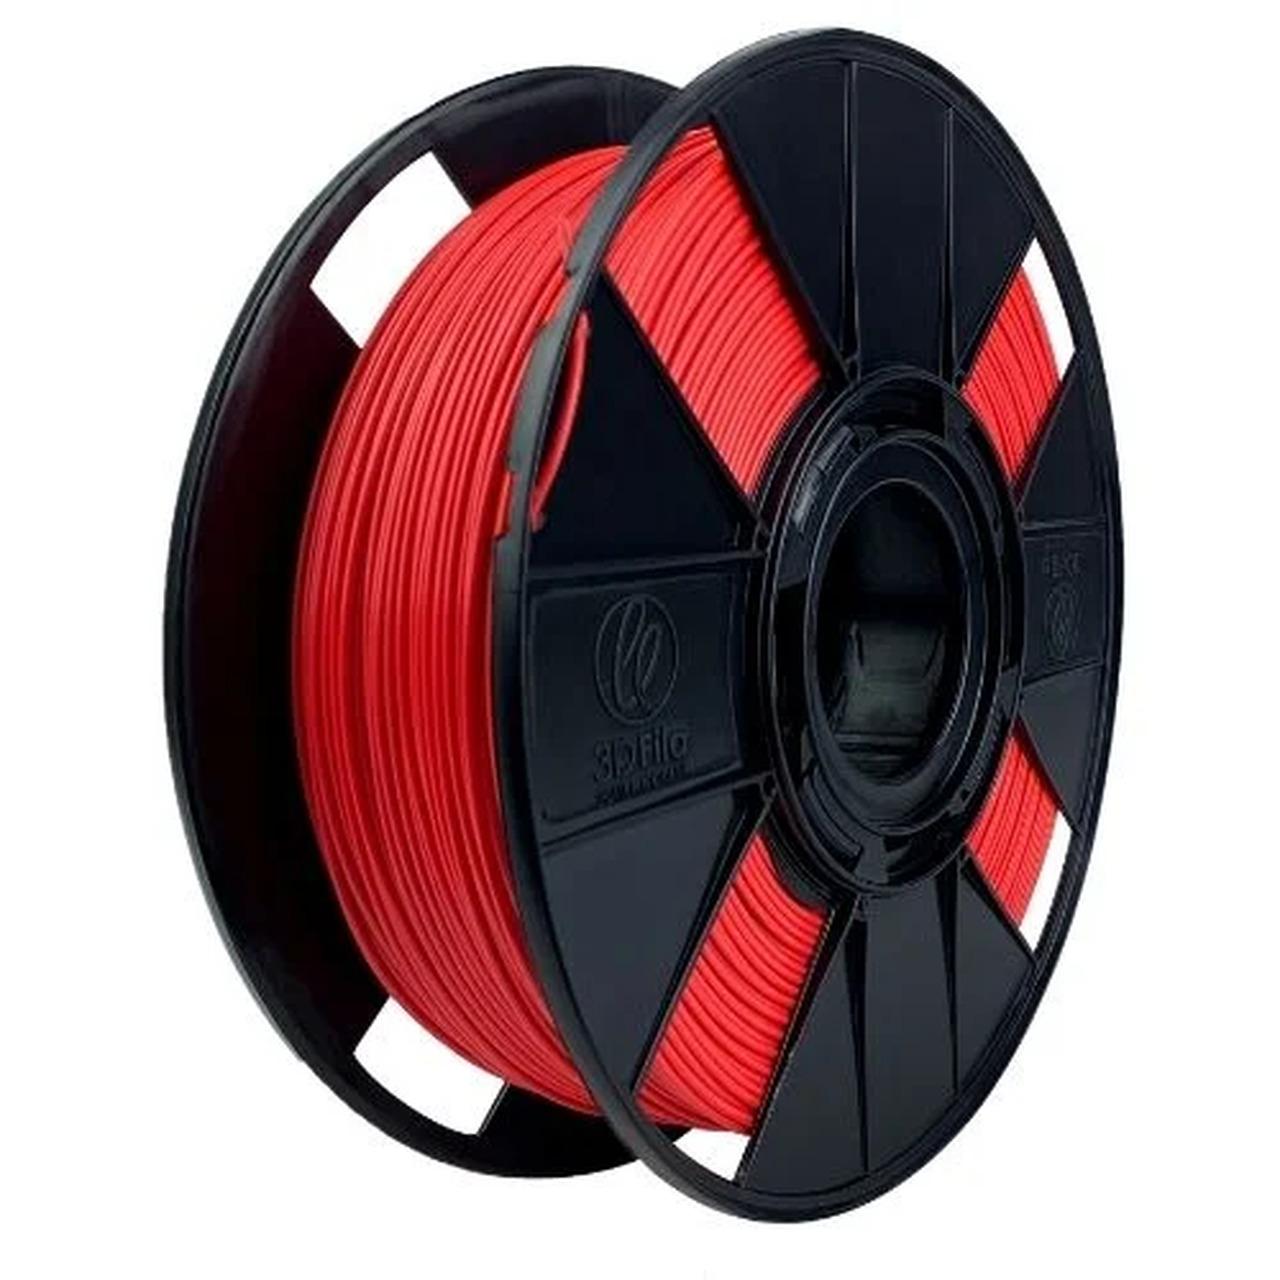 Filamento PLA Basic - Vermelho Carros - 3D Fila - 1.75mm - 1kg